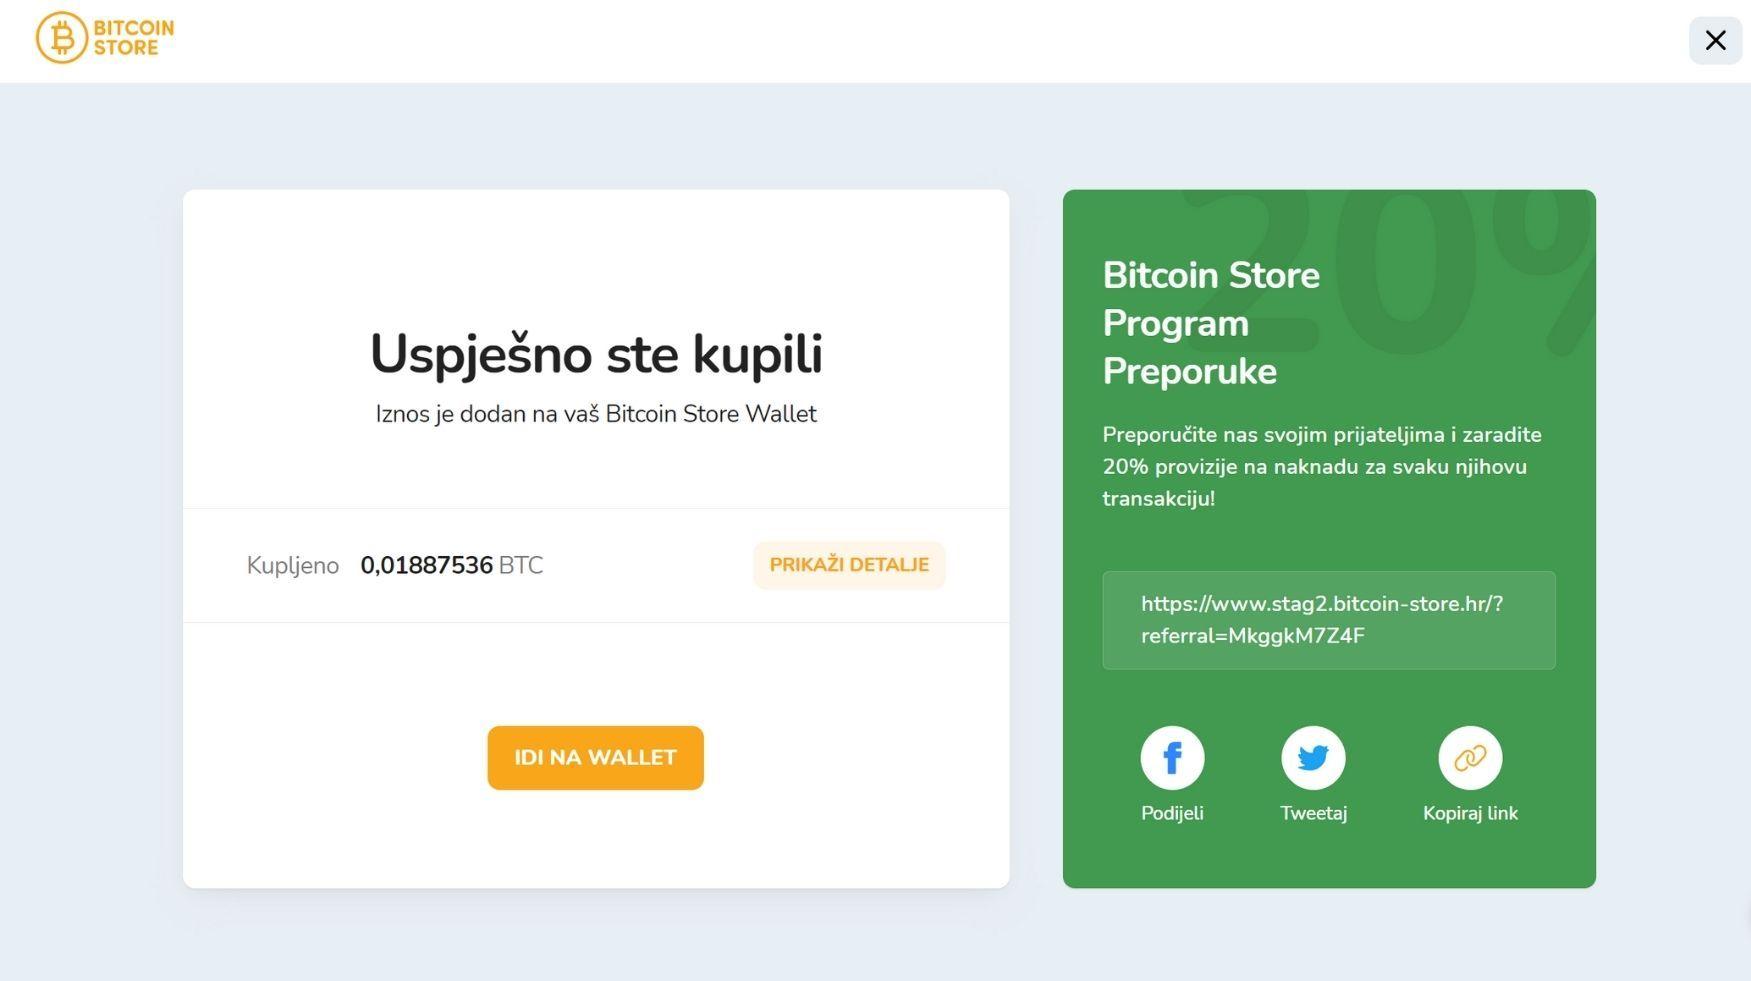 Prozor za uspješnu kupovinu Bitcoina putem Bitcoin Store platforme.